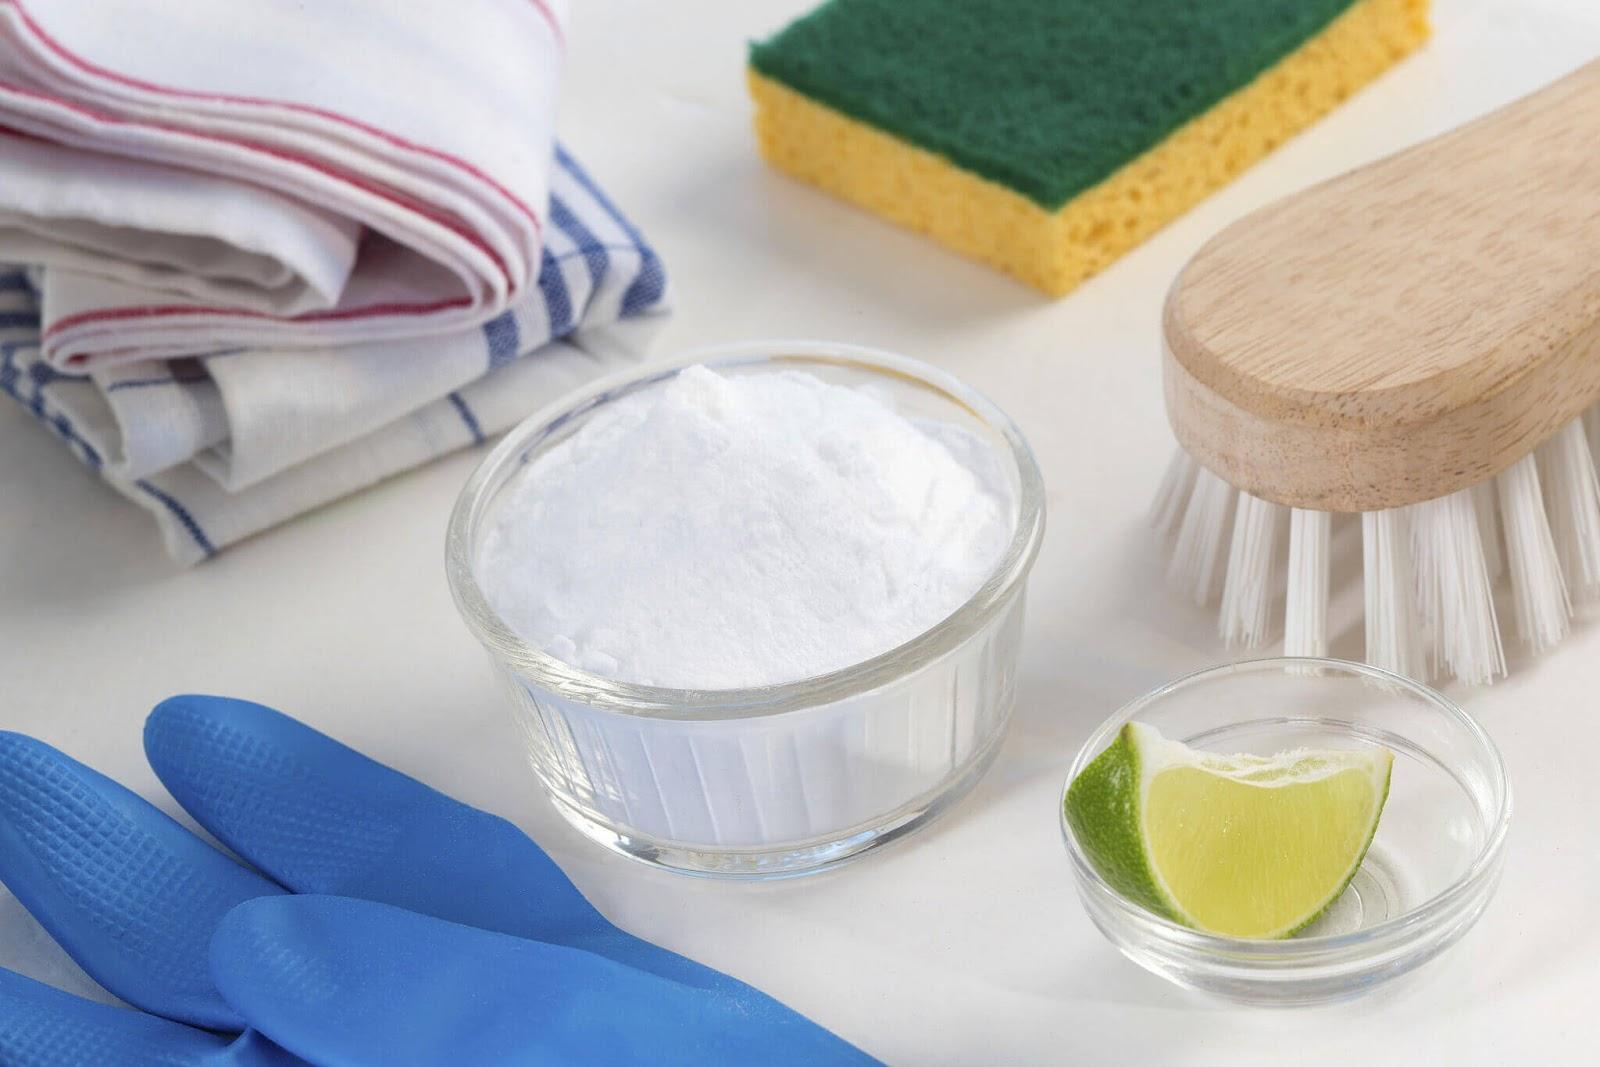 28 فائدة من فوائد بيكربونات الصوديوم الصحية والجمالية وللاستعمالات المنزلية وصفاتي